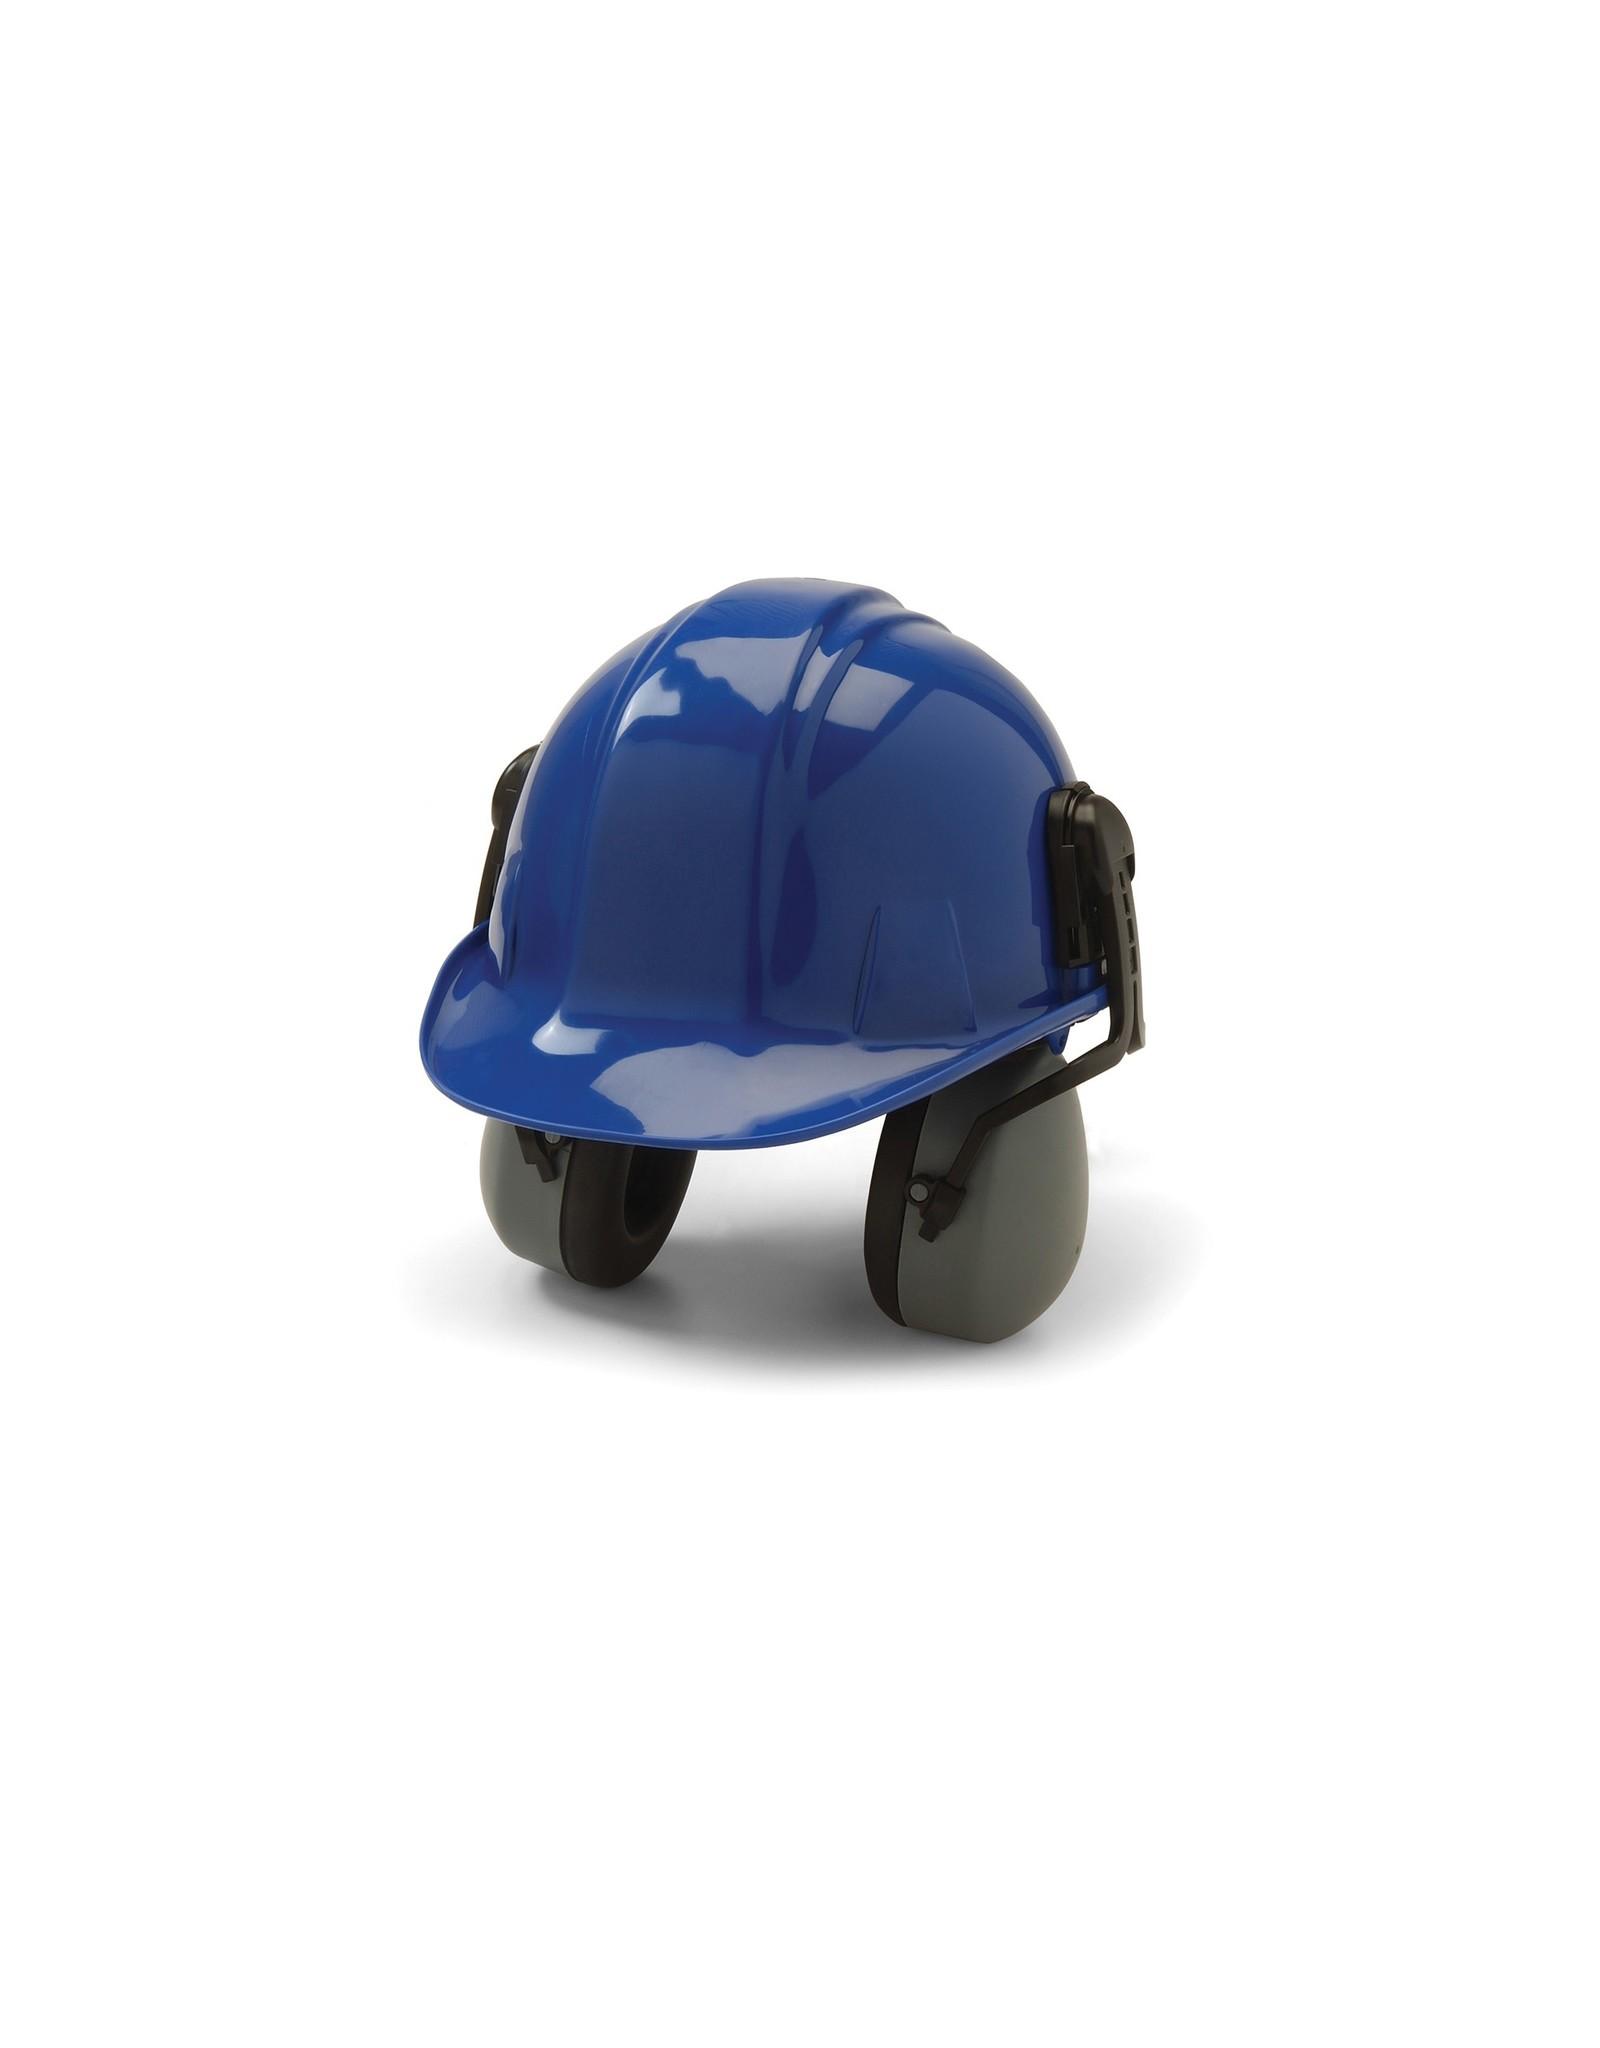 Pyramex Pyramex Hard Hat Mounted Dielectric Earmuff